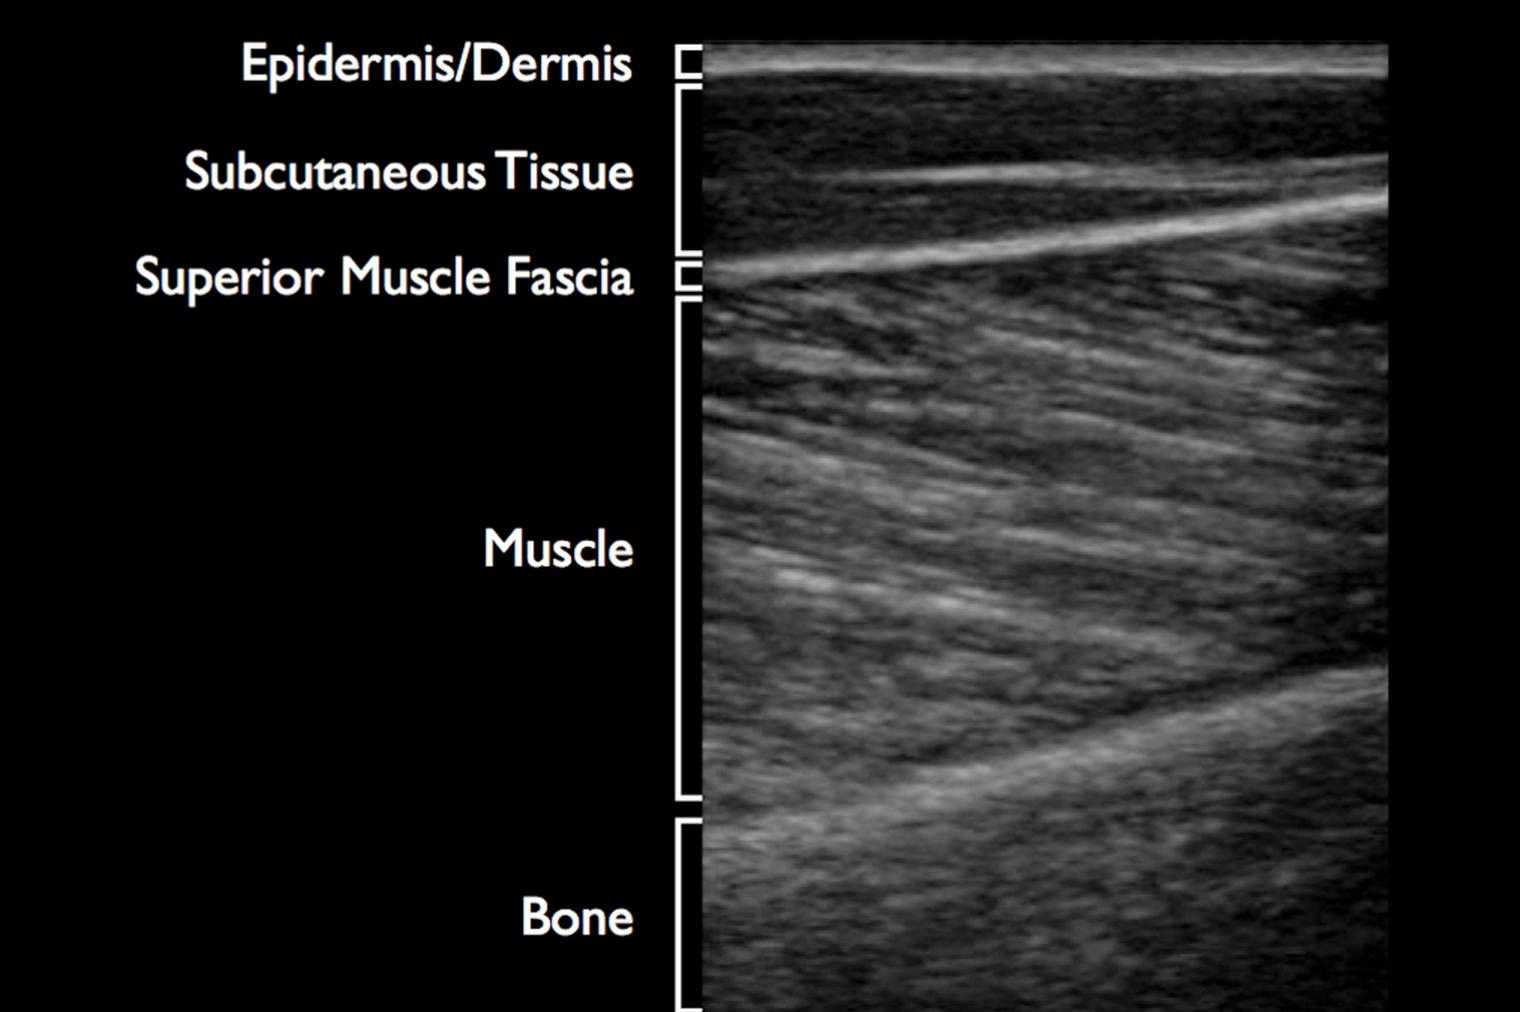 Basic MSK US Anatomy